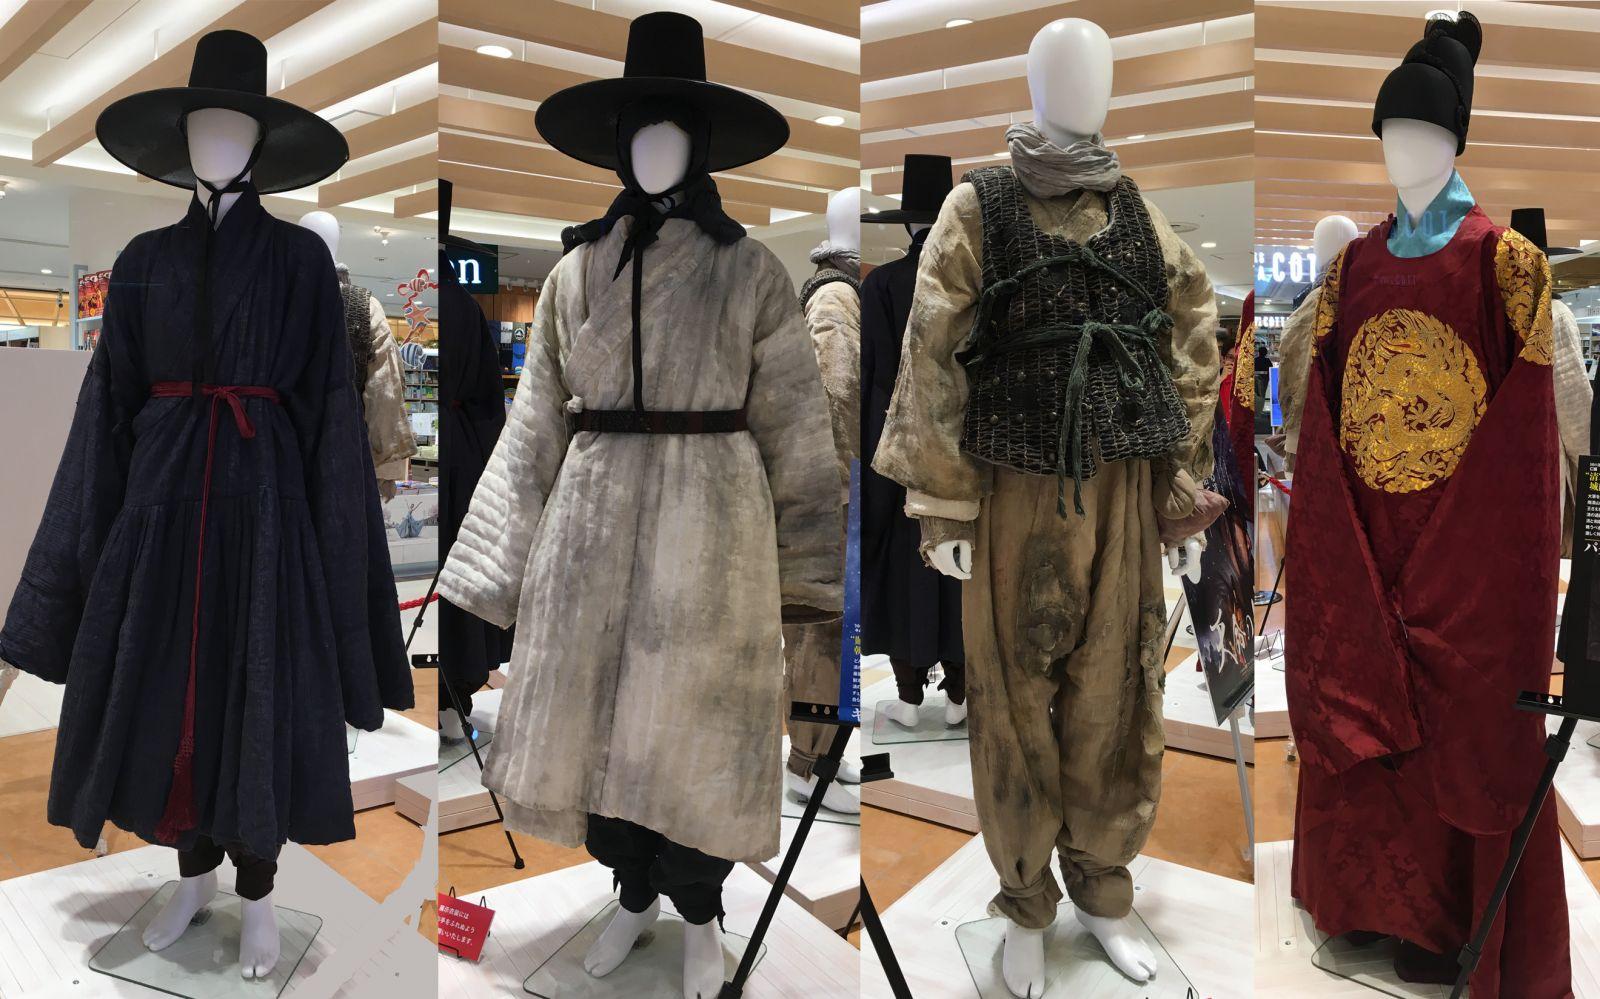 イ・ビョンホン、天命の城、キム・ユンソク、パク・ヘイル、コ・ス、衣装展示